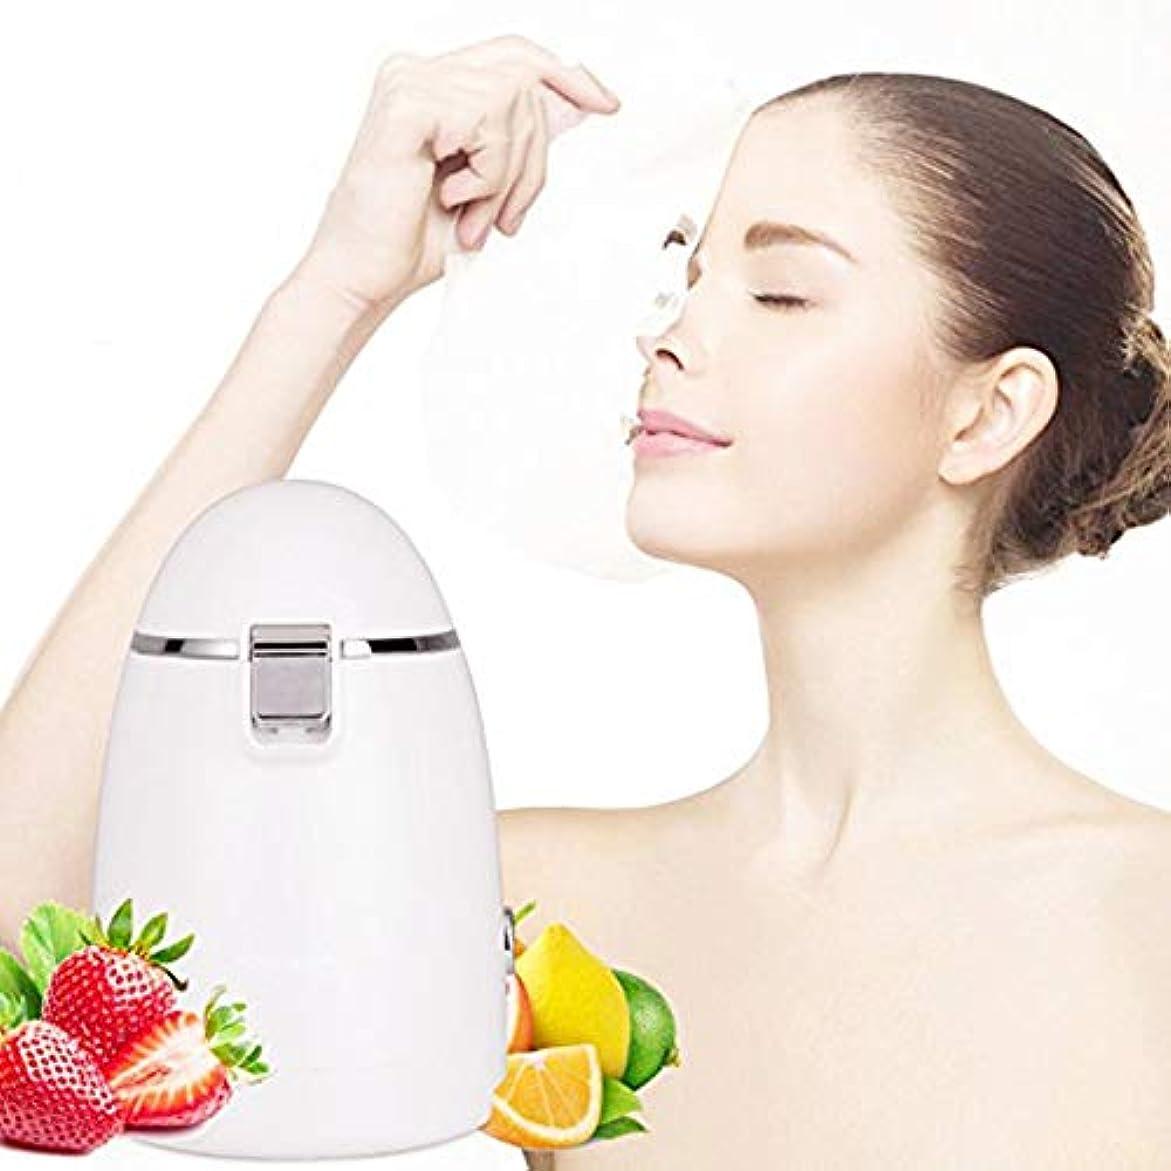 トンネル誠意喪マスクマシン、自家製家庭用マスクマシン自動多機能攪拌加熱果物と野菜 DIY マスクフルーツマスク